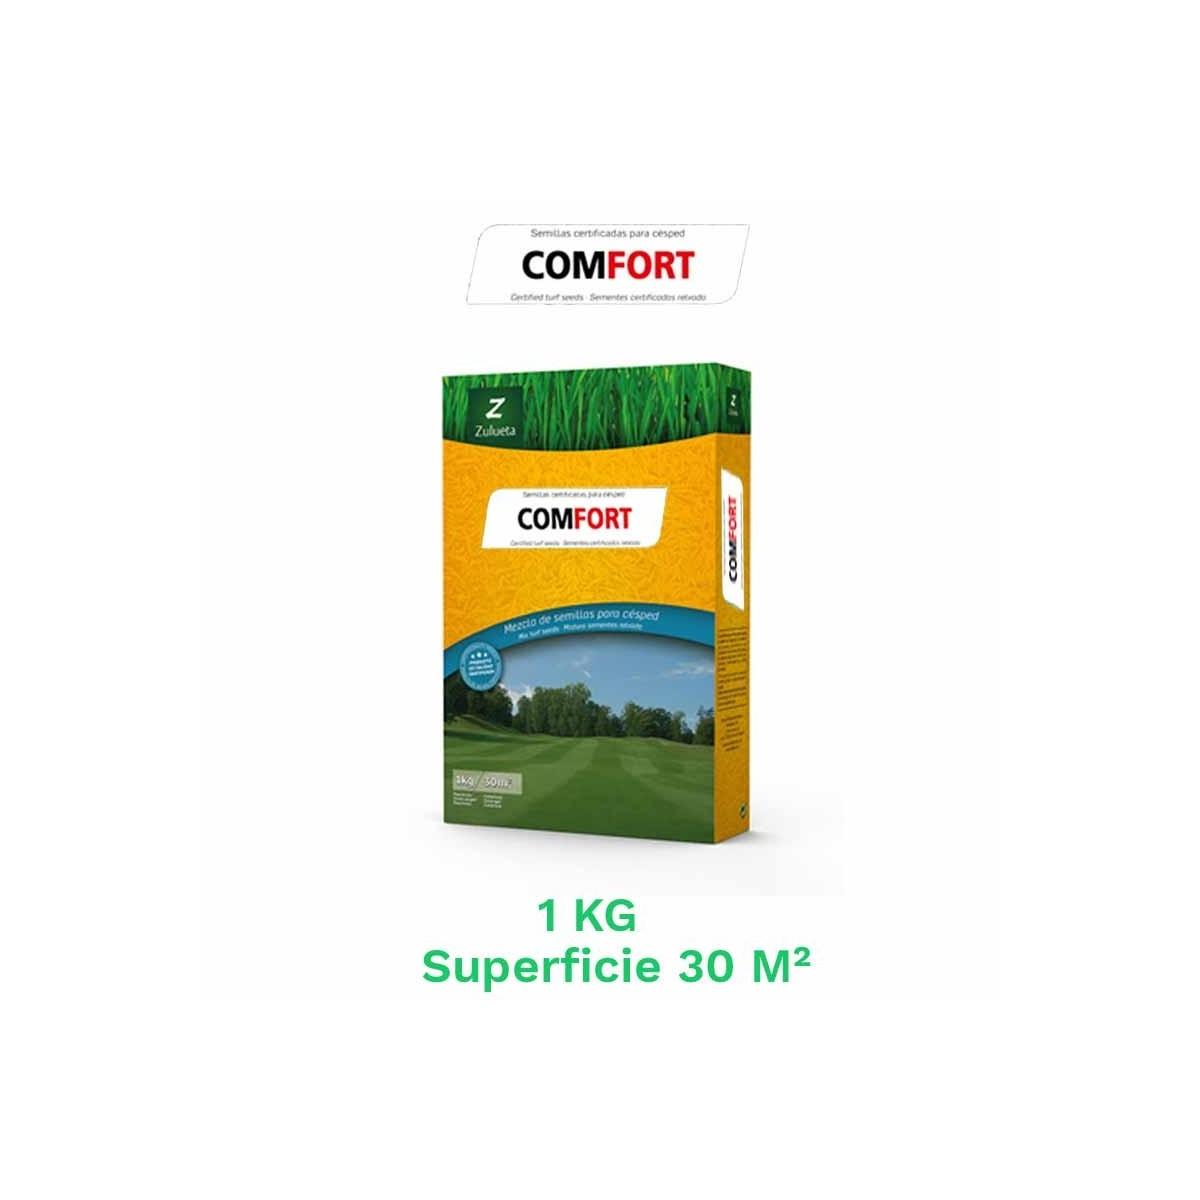 Caja 1  kg semillas cesped comfort